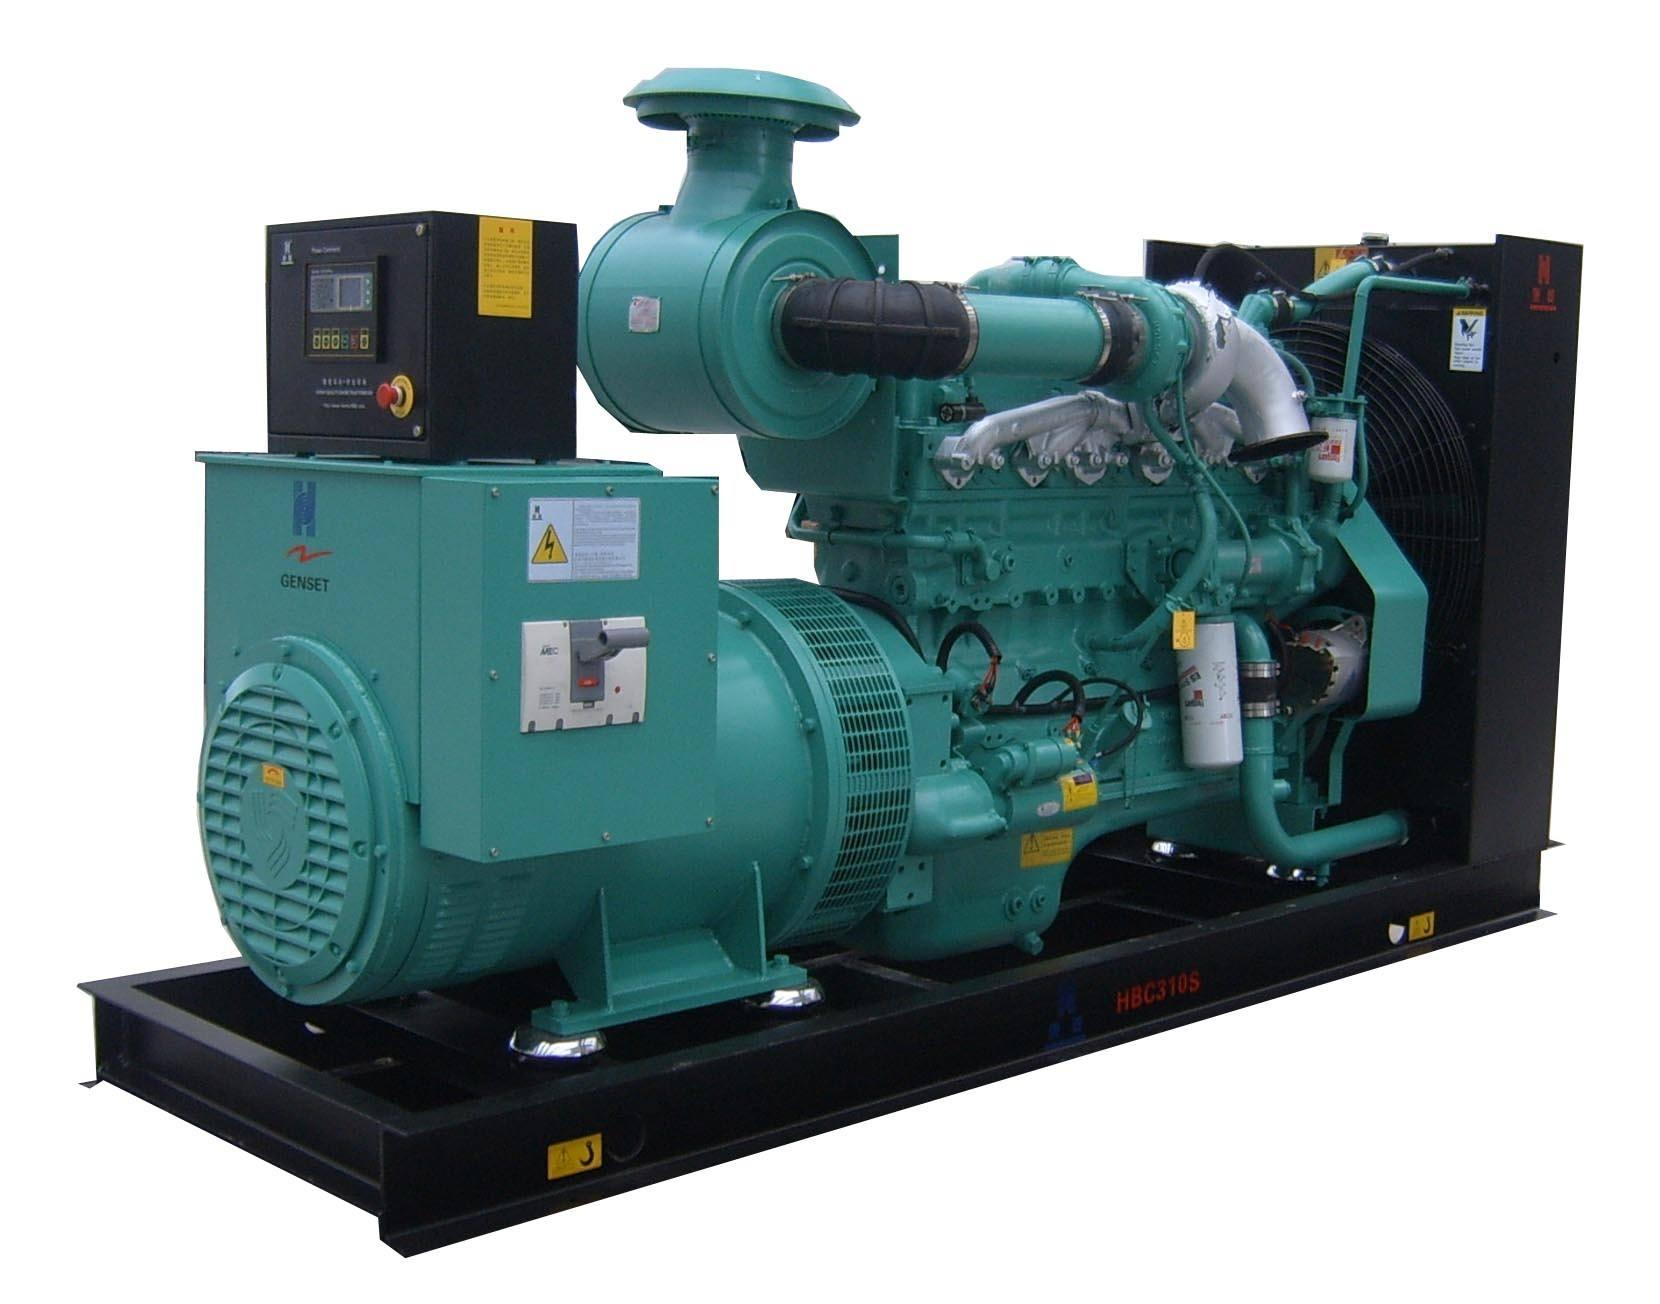 350千瓦柴油发电机组厂家报价,300千瓦柴油发电机组厂家电话,200千瓦柴油发电机组厂家直销